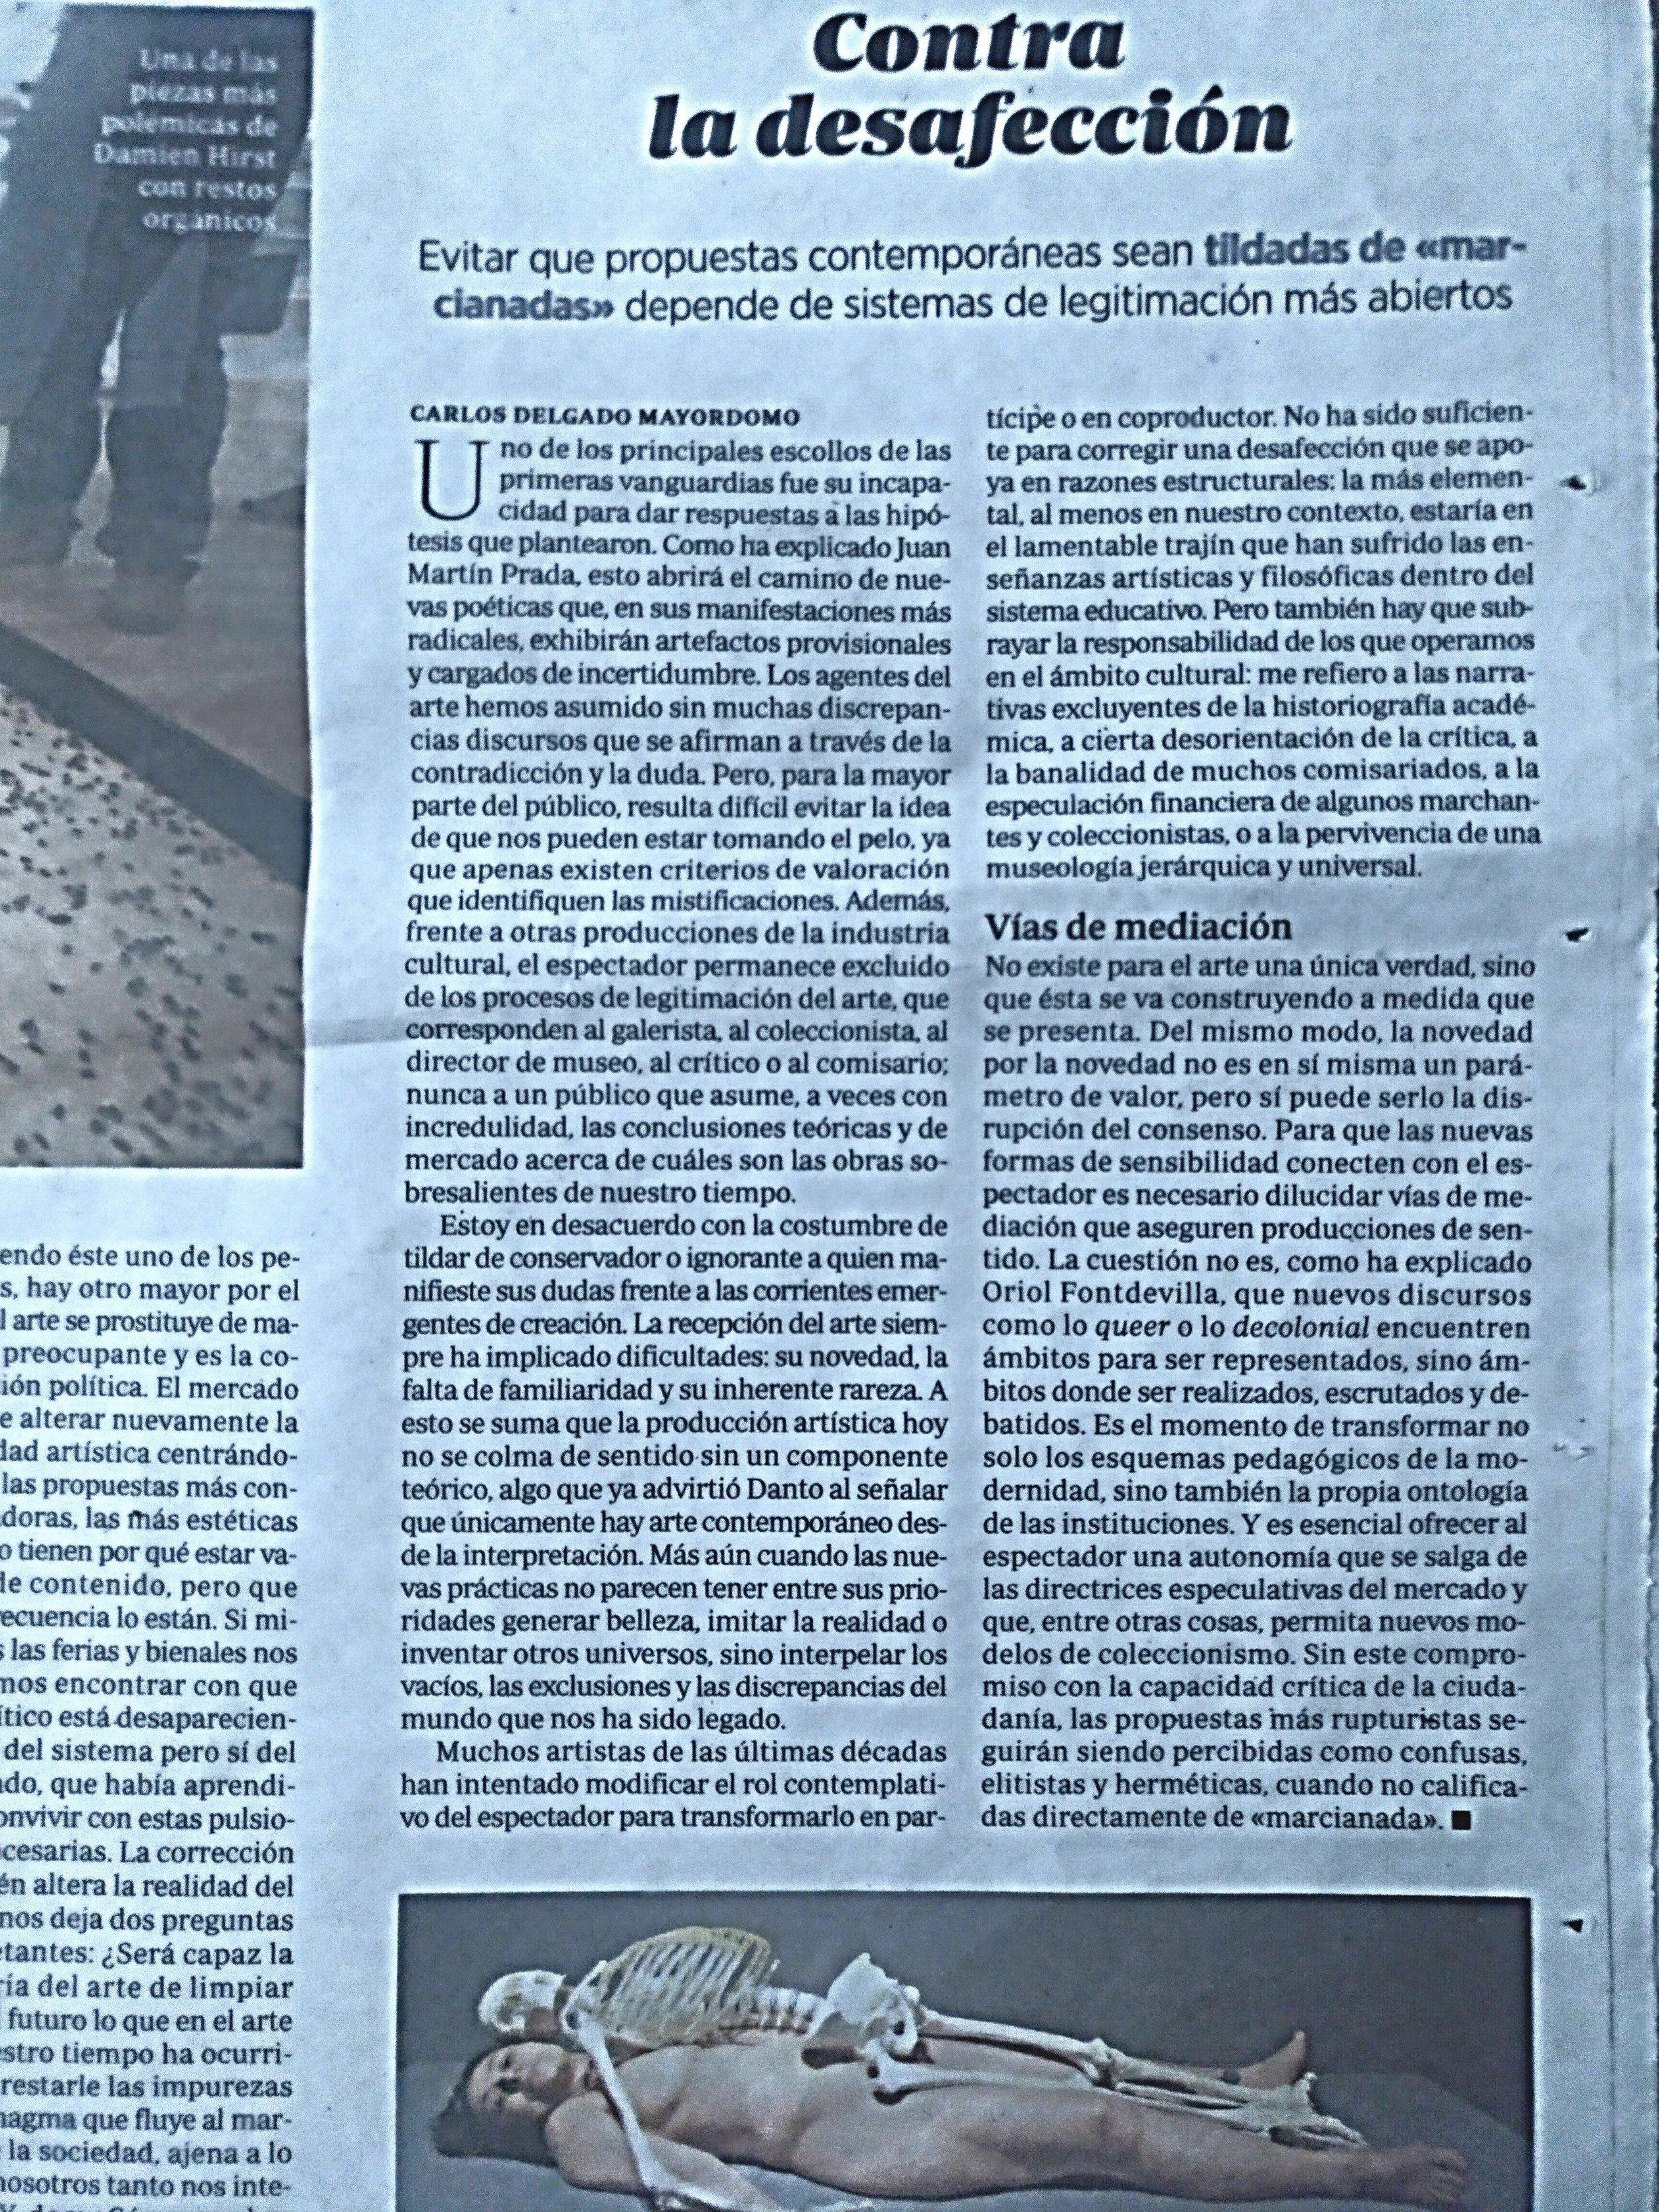 Para ir al articulo objeto de critica en la red: https://www.abc.es/cultura/cultural/abci-contra-desafeccion-arte-contemporaneo-201901300235_noticia.html